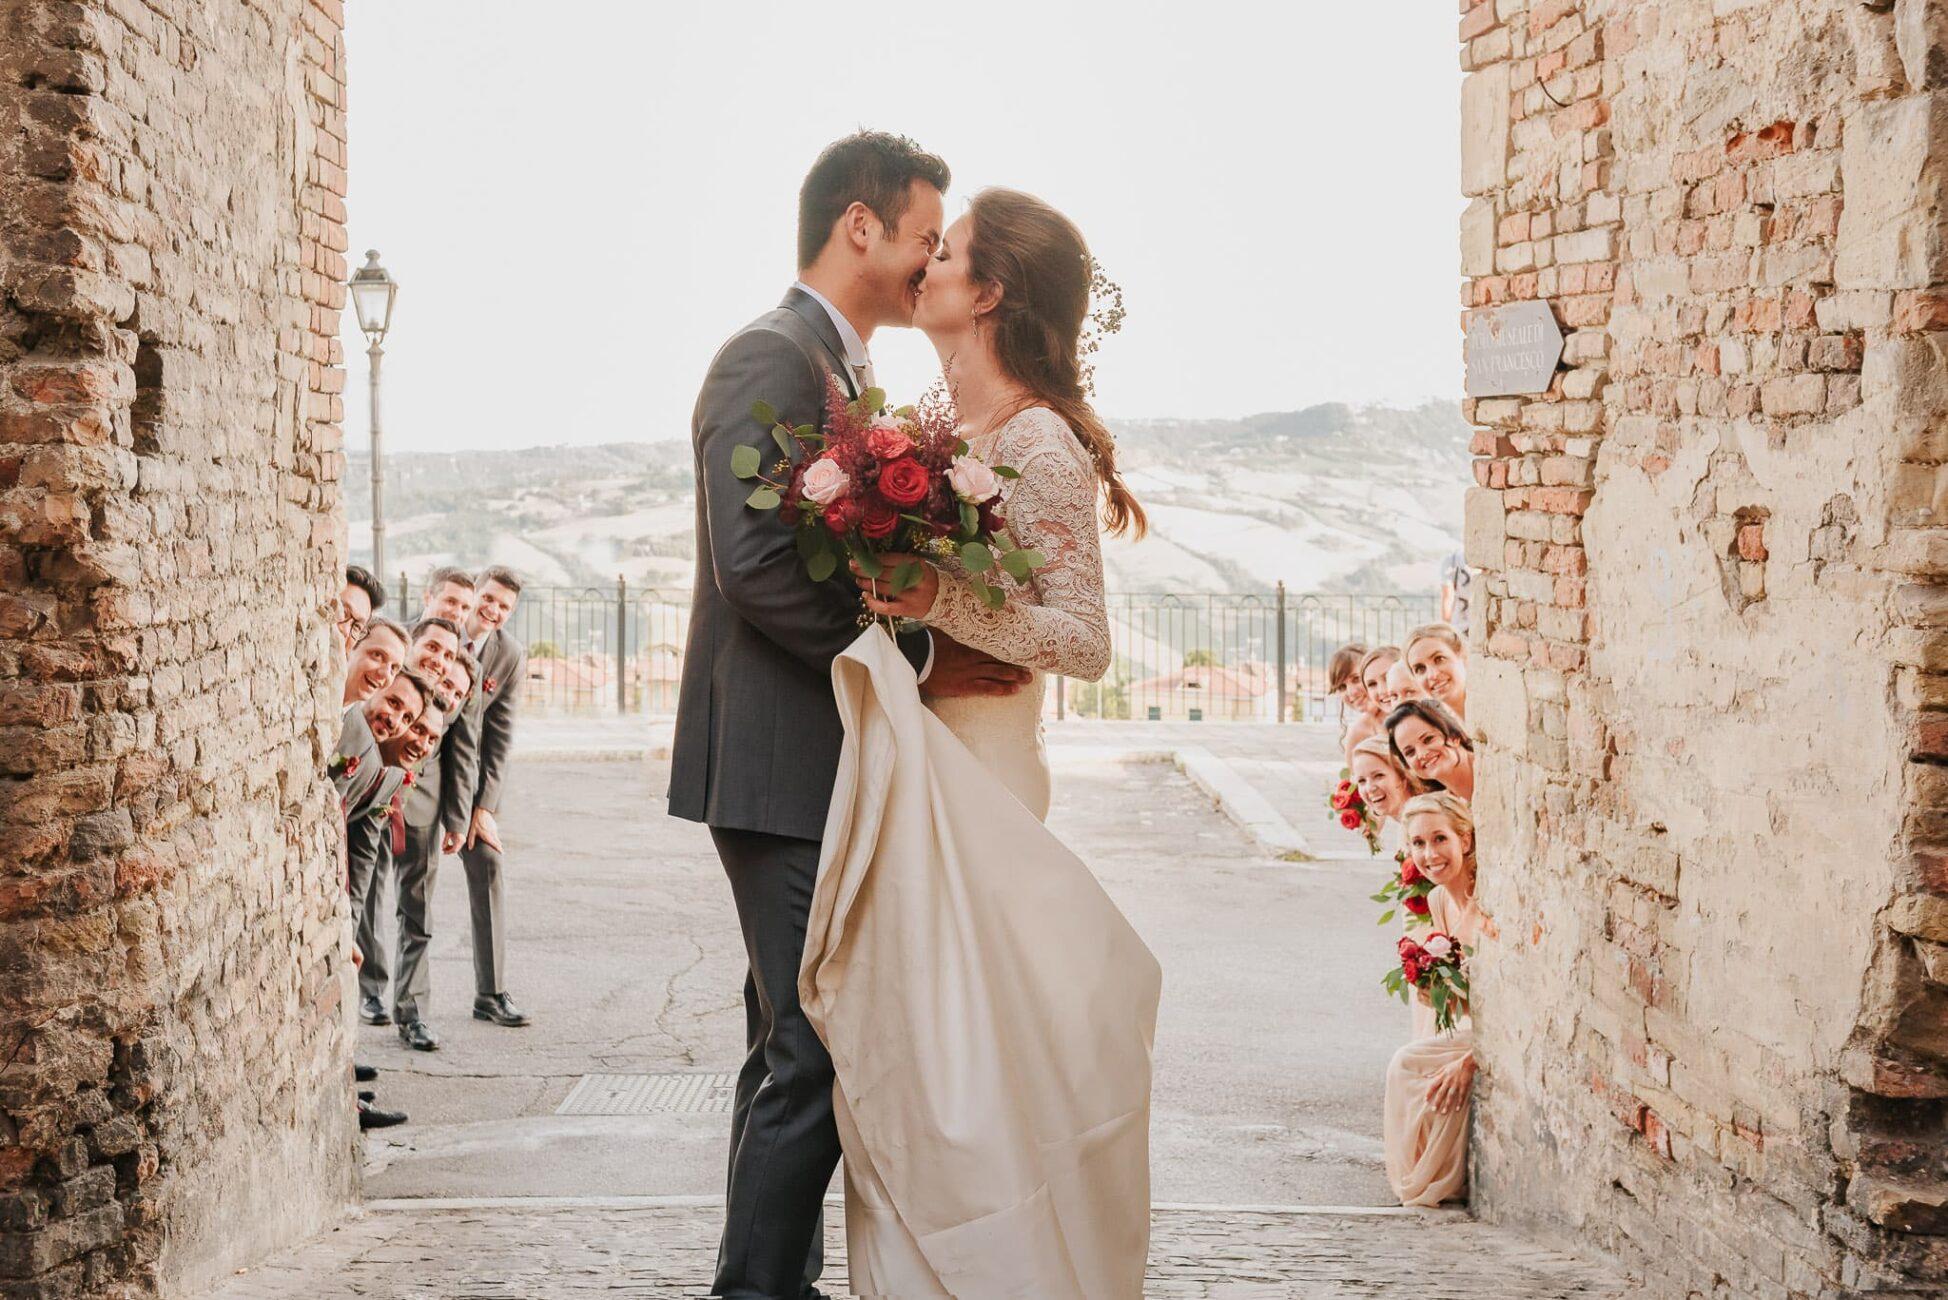 come-trovare-il-miglior-fotografo-di-matrimonio-01